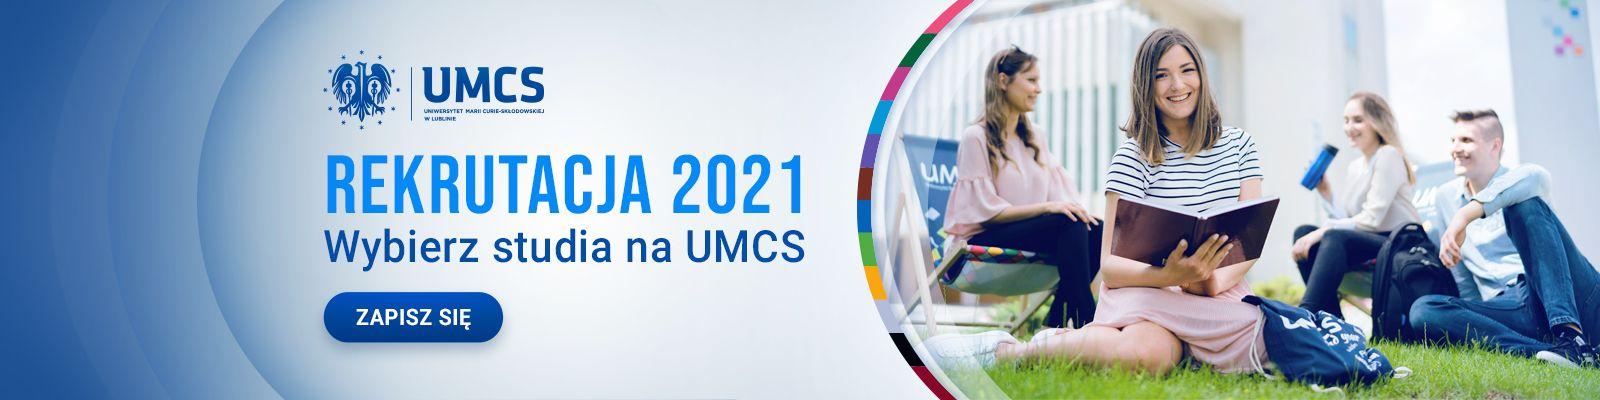 Rekrutacja 2021 - wybierz studia na UMCS!